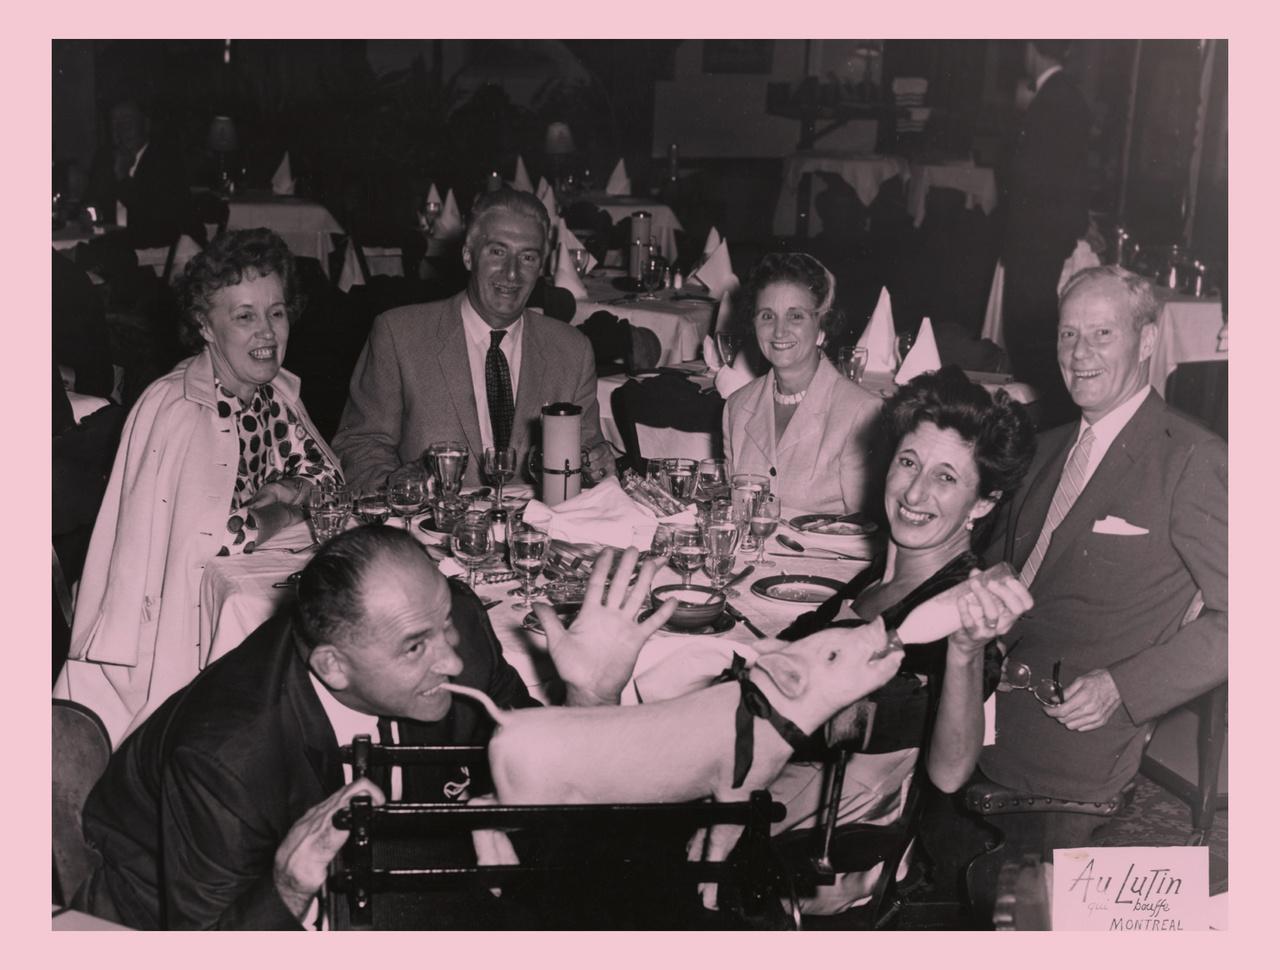 Szinte minden képen tizedik sorozatában a montreali Au Lutin Qui Bouffe étterem malacokat cumiztató vendégeiről készült fényképek kaptak a helyet. A hagyományt egy helyi fotós, Jean-Paul Cuerrier indította el még 1938-ban, és ő készítette az összes felvételt 1973-ig bezárólag.  A fotókat  Michel Campeau gyűjtötte össze, miután rájött, nemcsak édesanyjáról készült olyan fotó, amin kezéből cumiztatja a nyakában piros szalagos kisállatot.